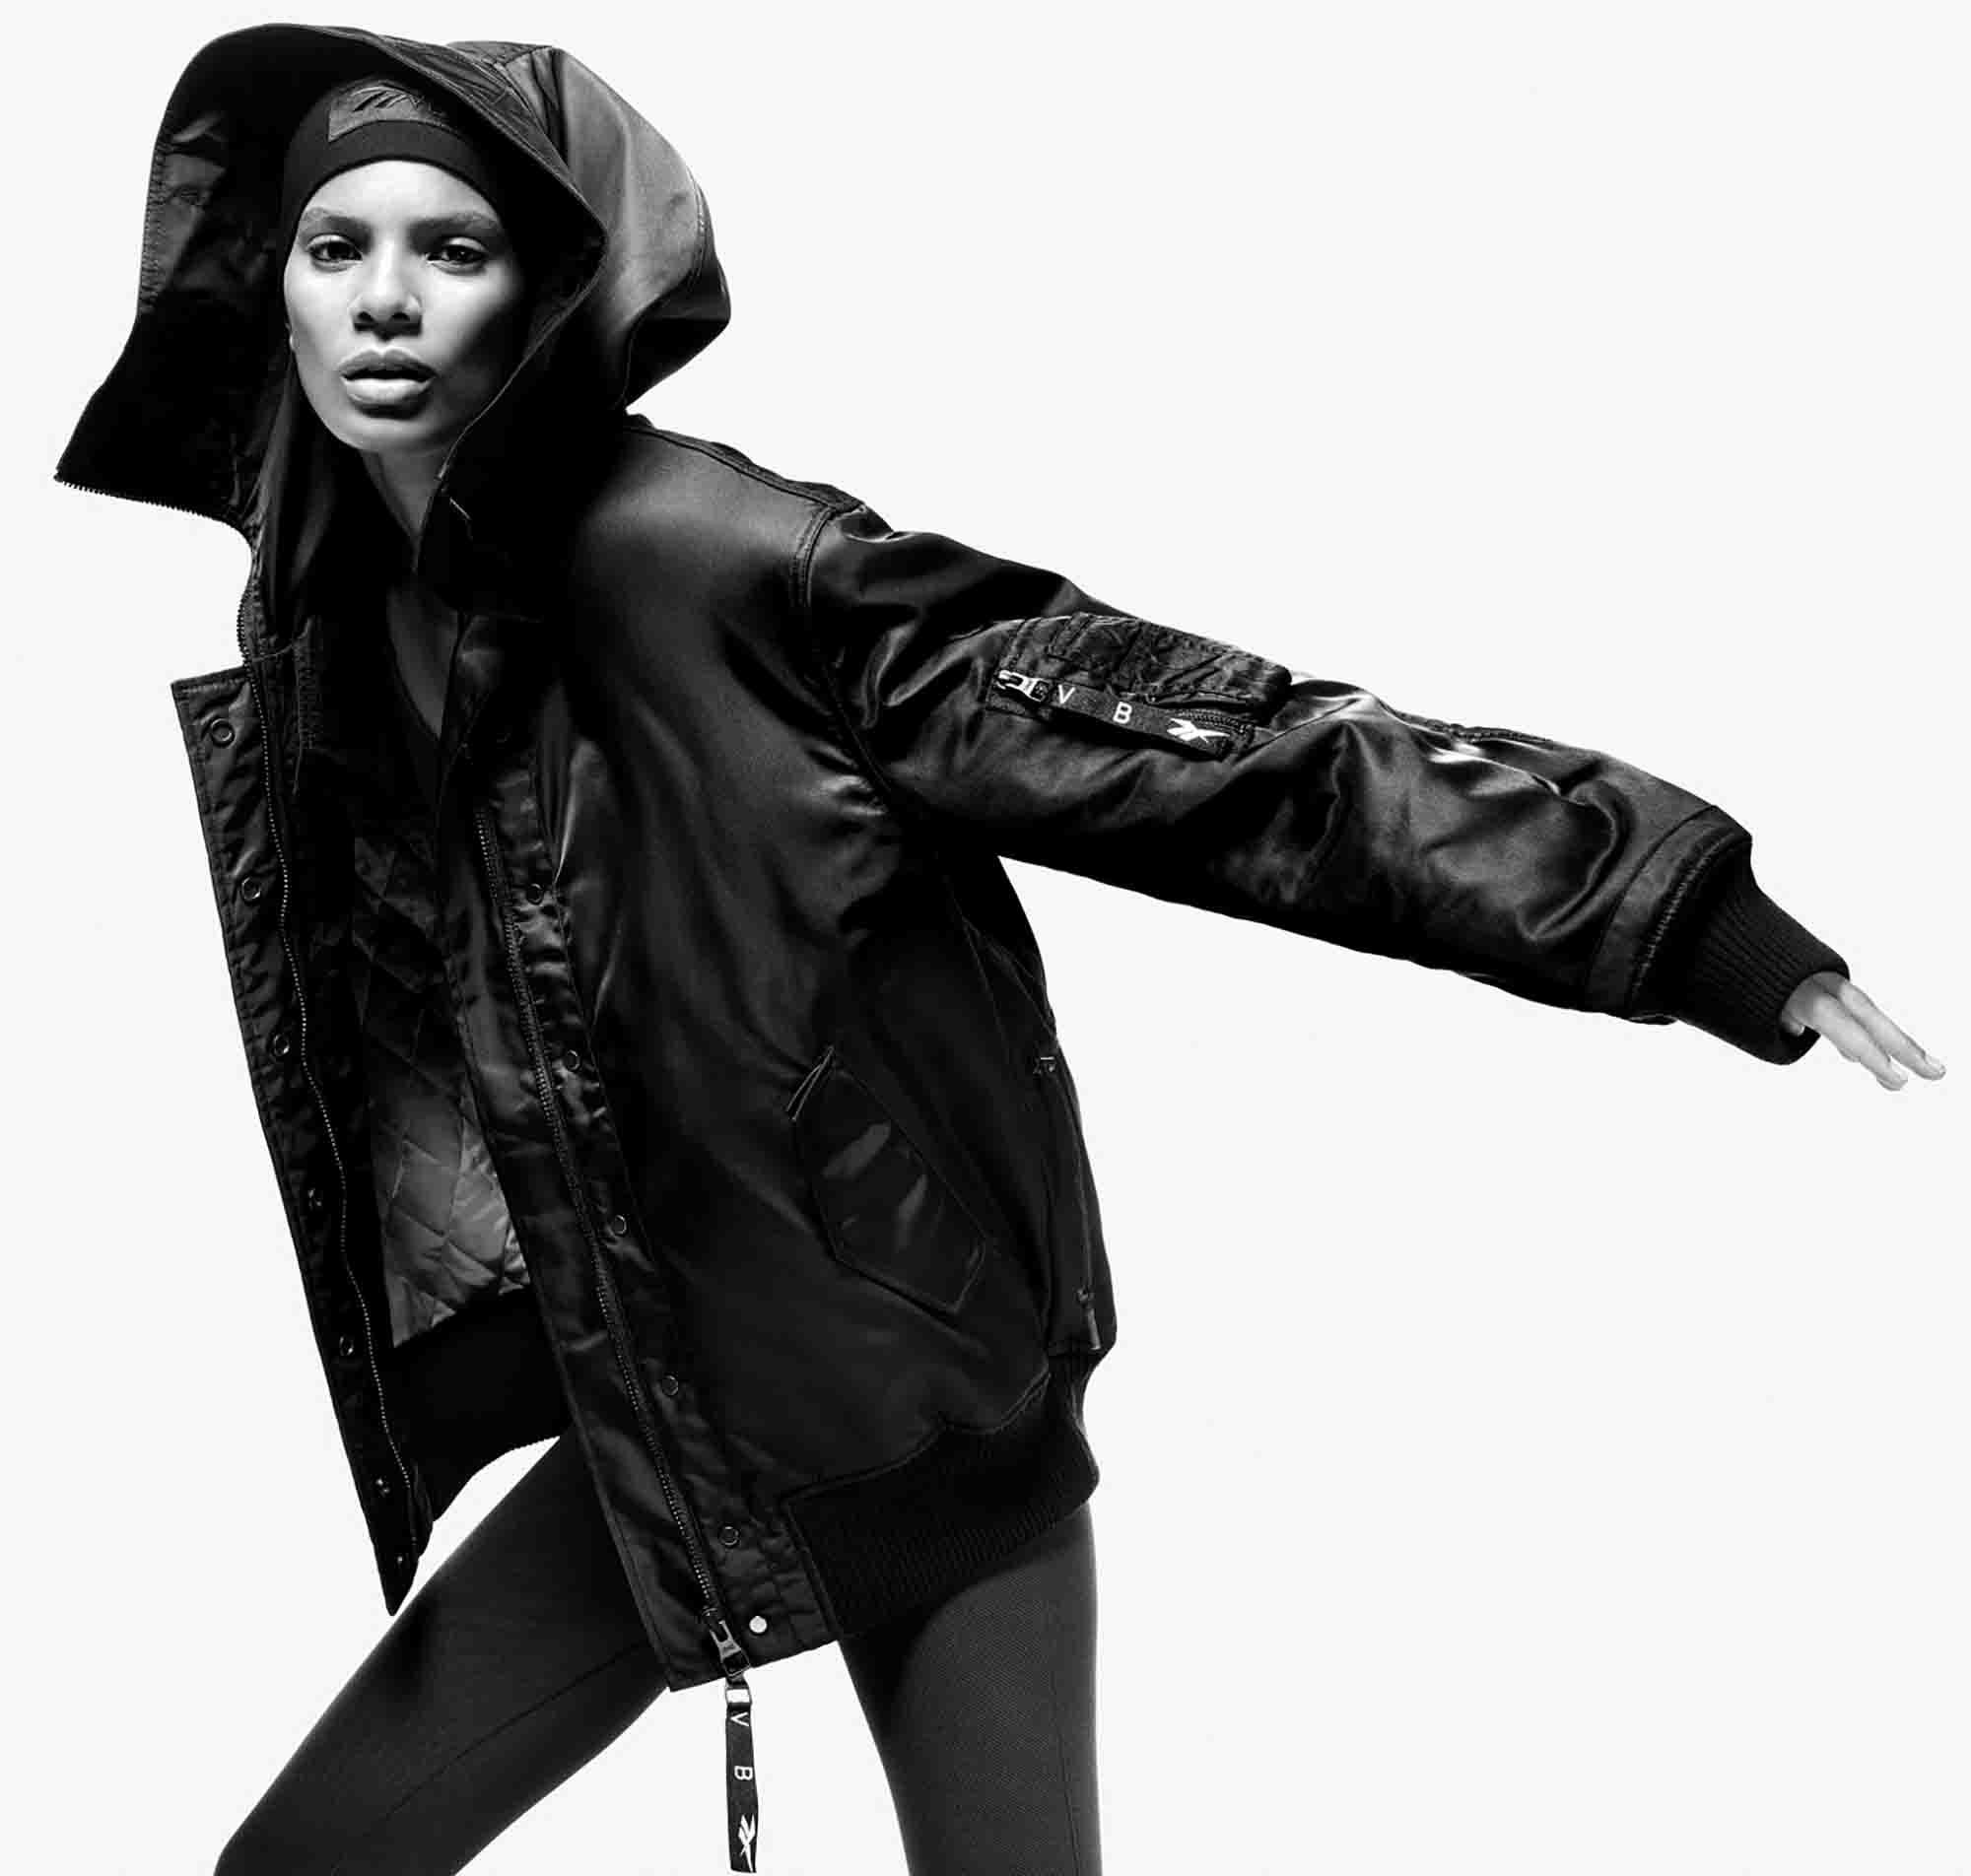 ויקטוריה בקהאם ו REEBOK - מגזין אופנה - Fashion Israel - חדשות באופנה